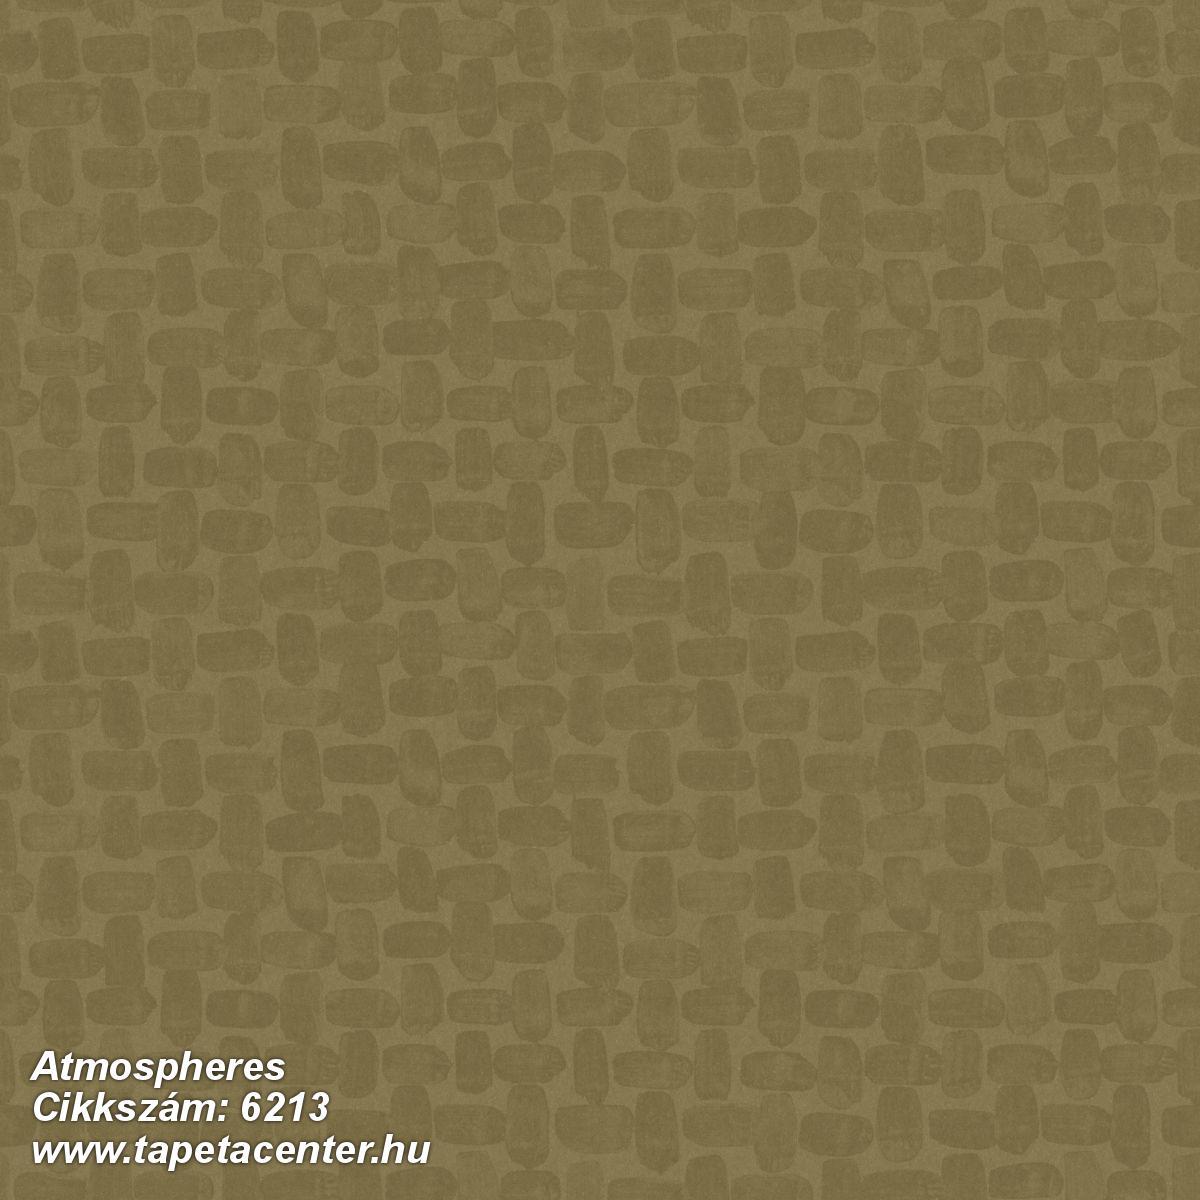 Geometriai mintás,különleges motívumos,rajzolt,retro,barna,bézs-drapp,lemosható,vlies tapéta